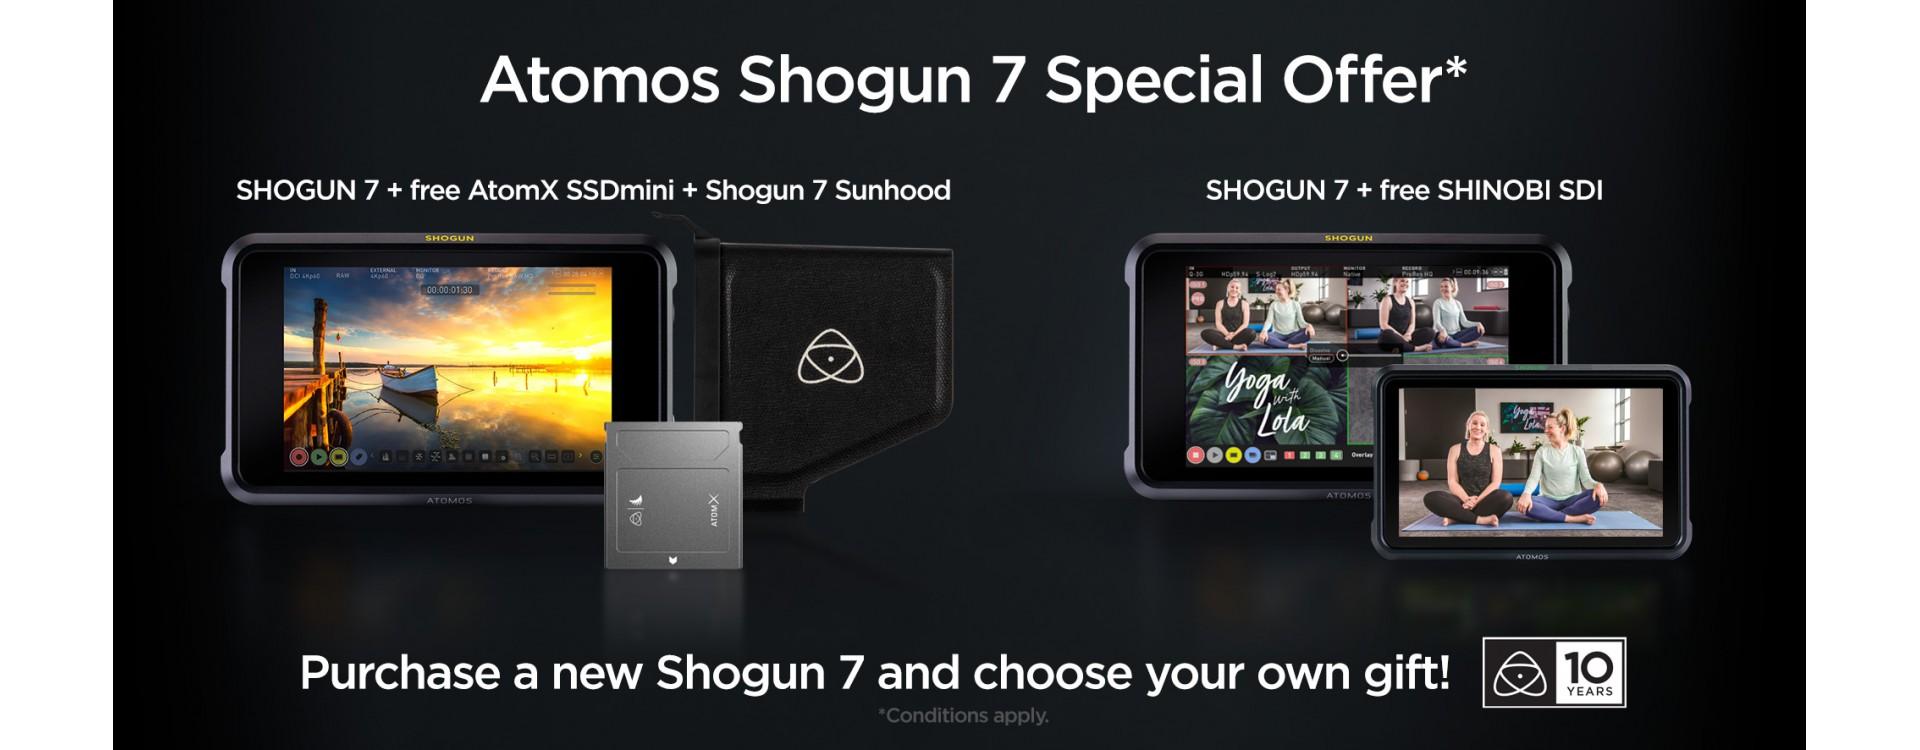 Offre Atomos Shogun 7